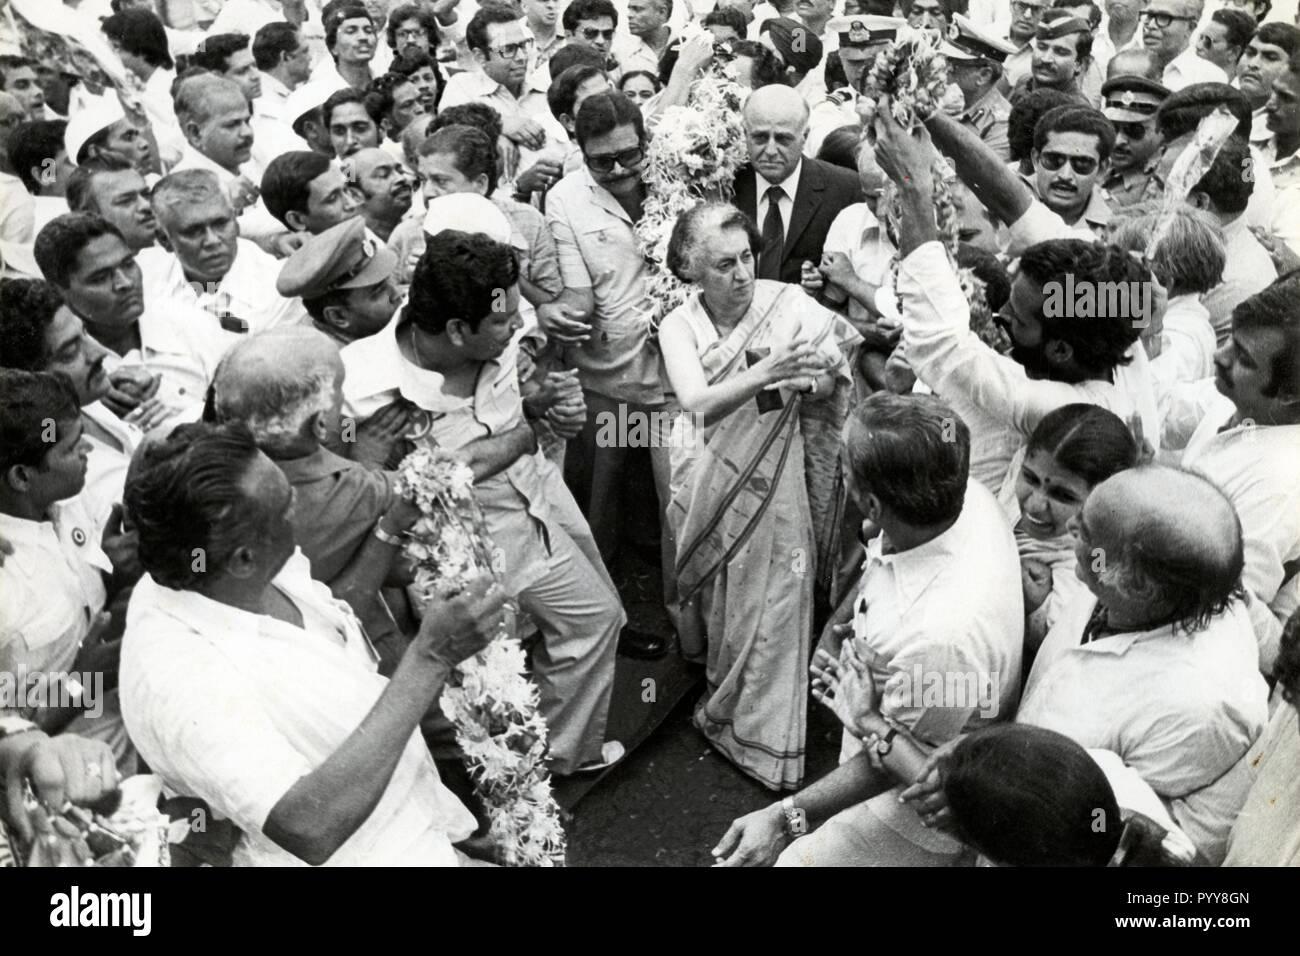 Entouré par les partisans d'Indira Gandhi, Inde, Asie, 1970 Photo Stock